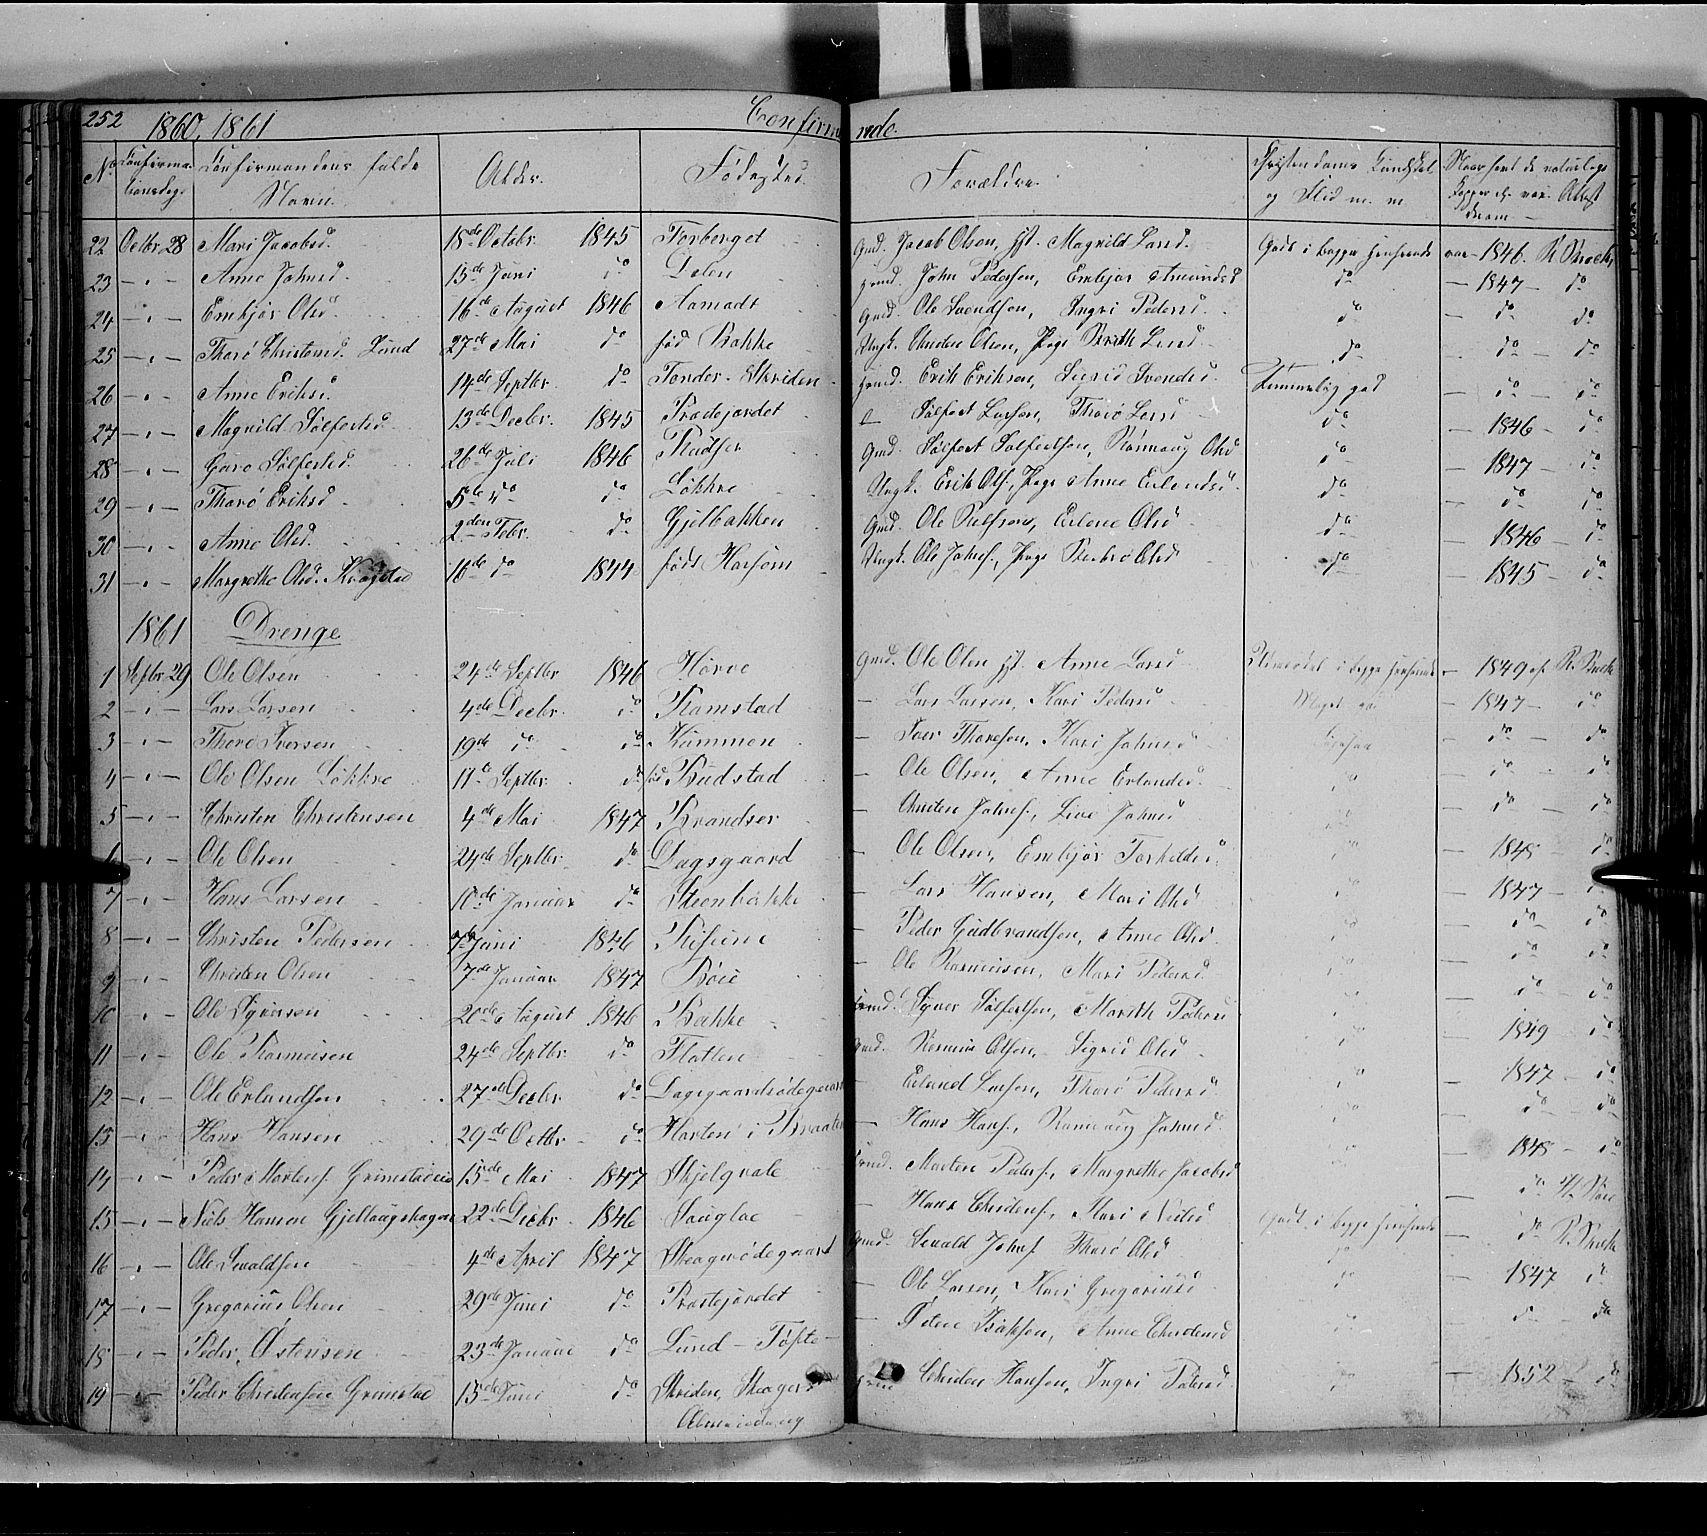 SAH, Lom prestekontor, L/L0004: Klokkerbok nr. 4, 1845-1864, s. 252-253